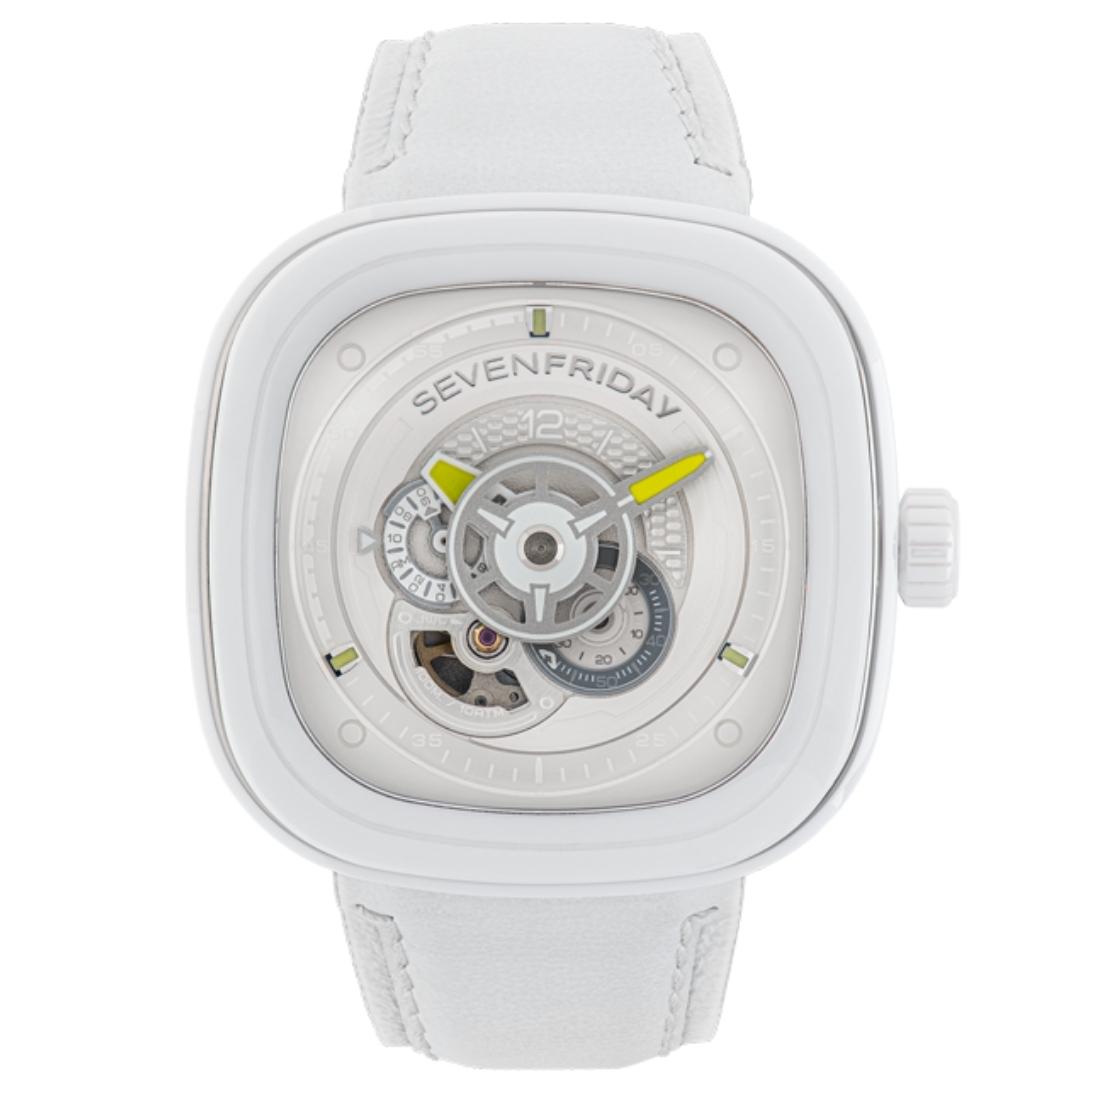 Часы Sevenfriday белые керамические